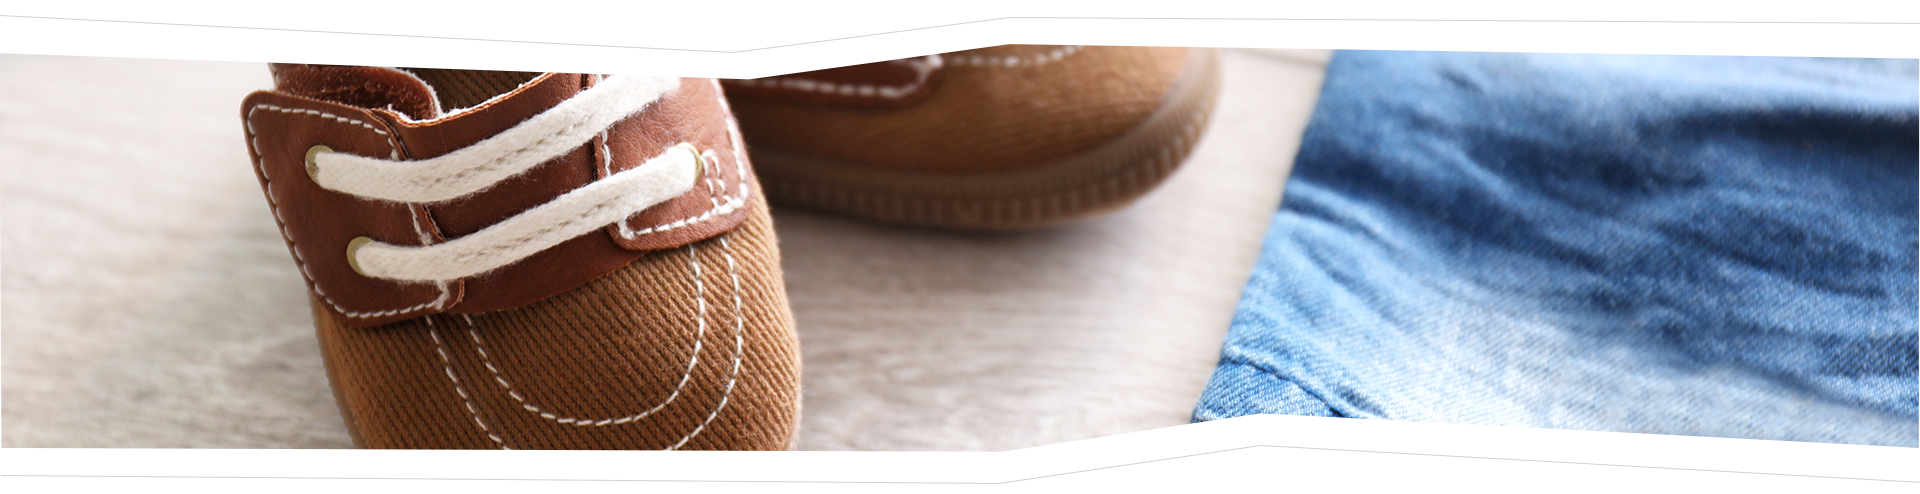 Abbigliamento e calzature bimbi a Castelnuovo Rangone e Montale - Compra da Noi